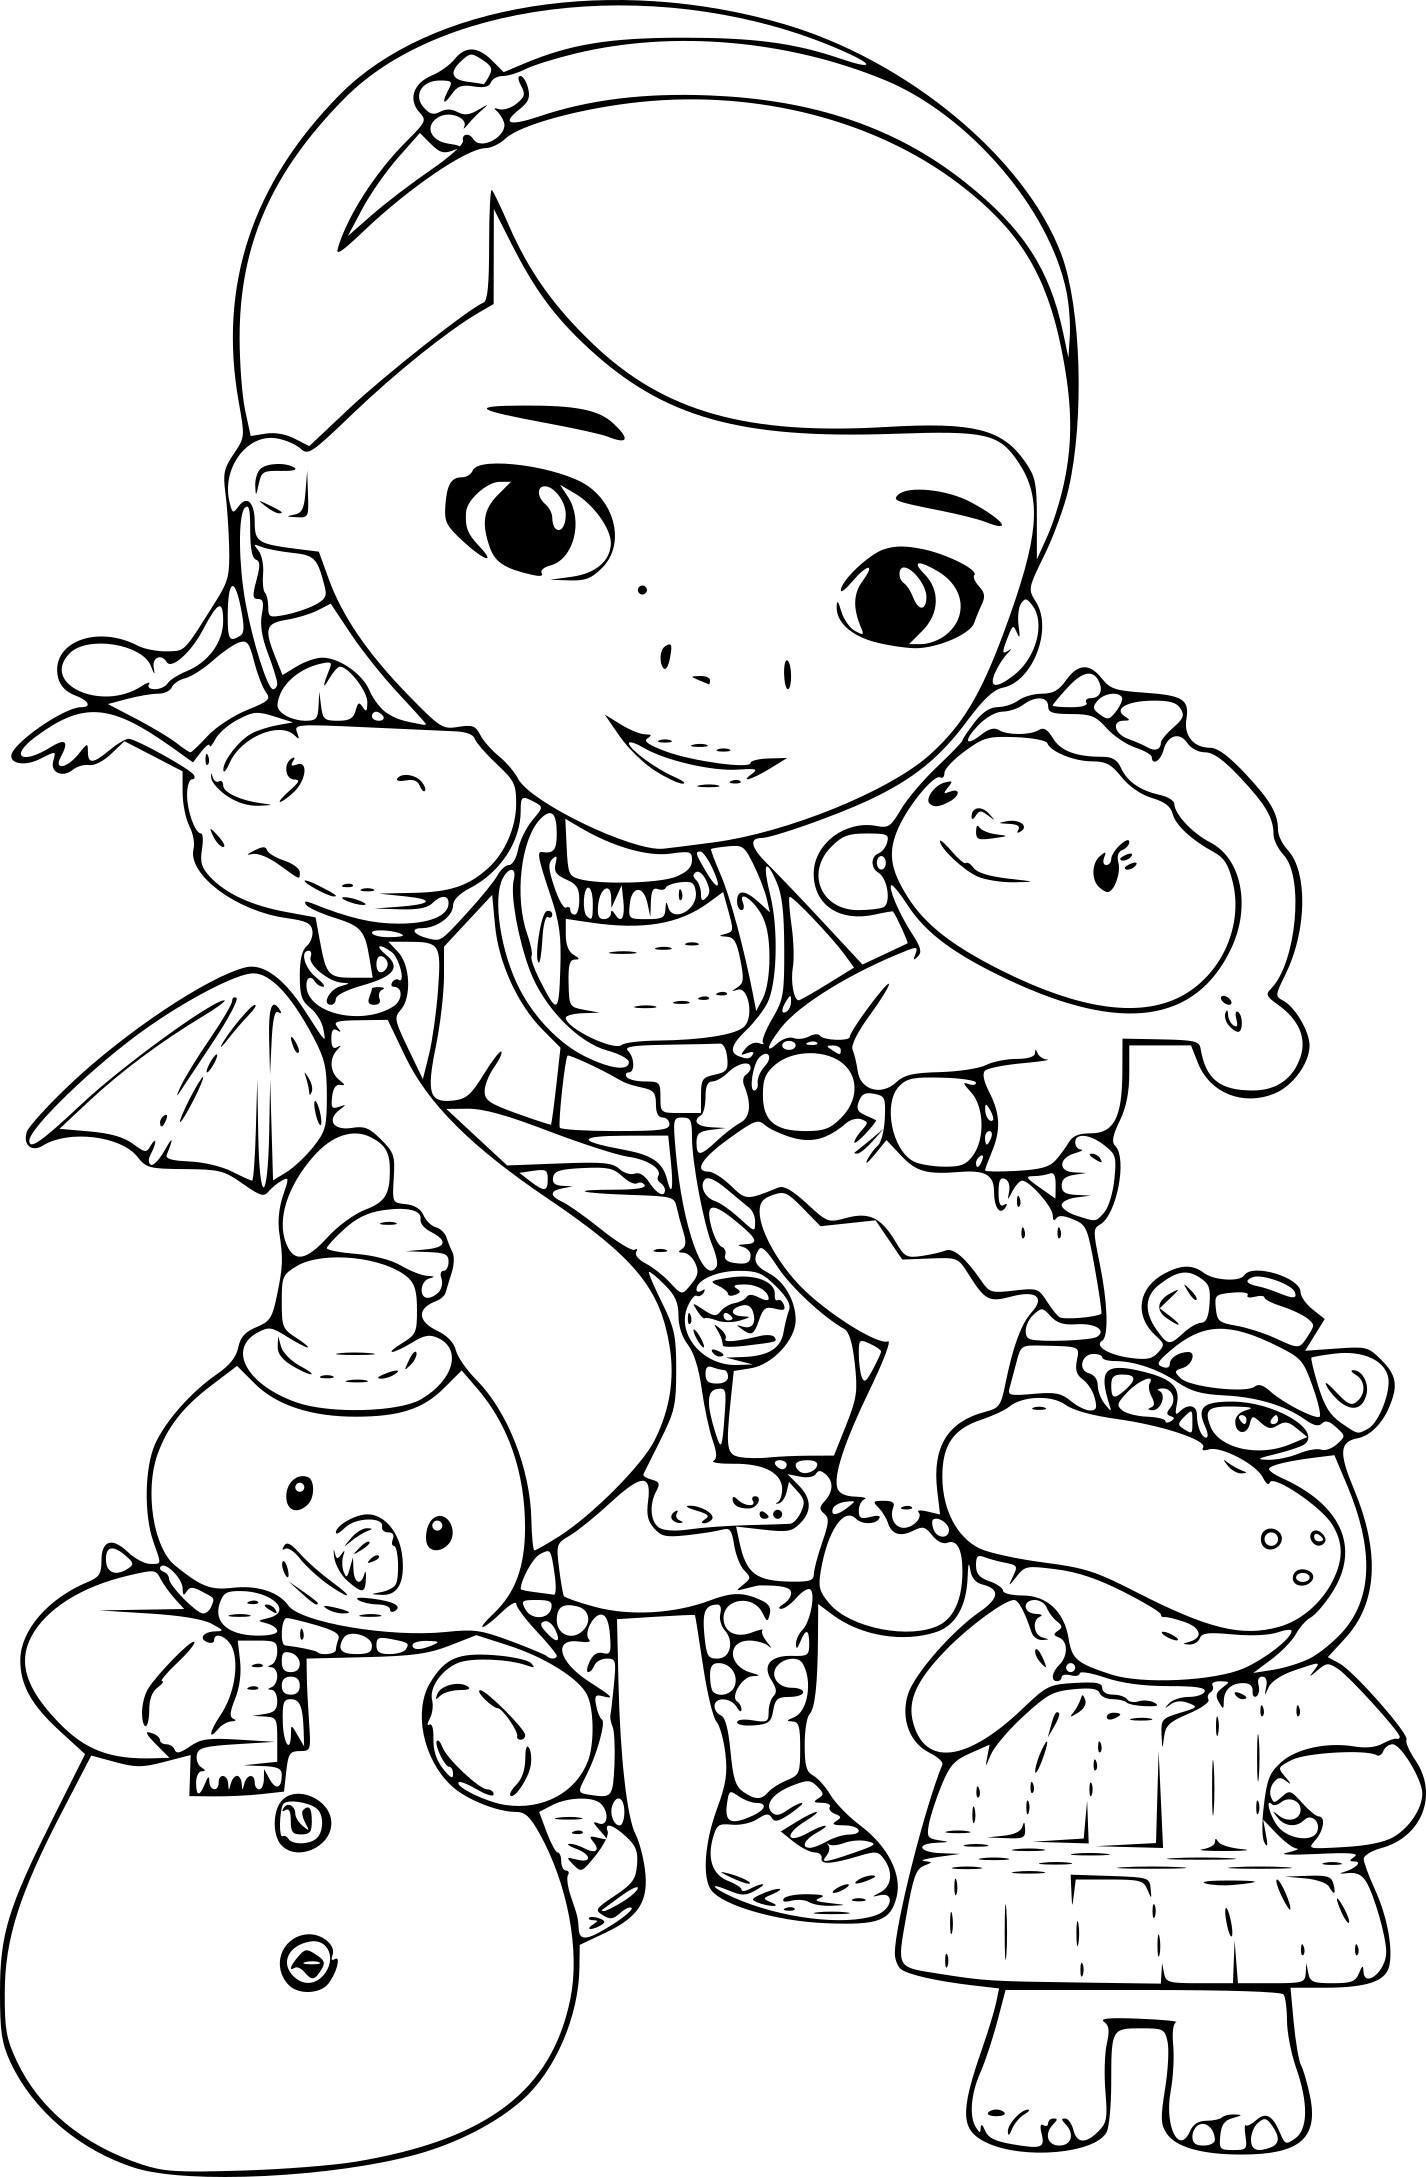 8 Coloriage Imprimer Docteur La Peluche Doc Mcstuffins Coloring Pages Disney Coloring Pages Cartoon Coloring Pages [ 2177 x 1426 Pixel ]